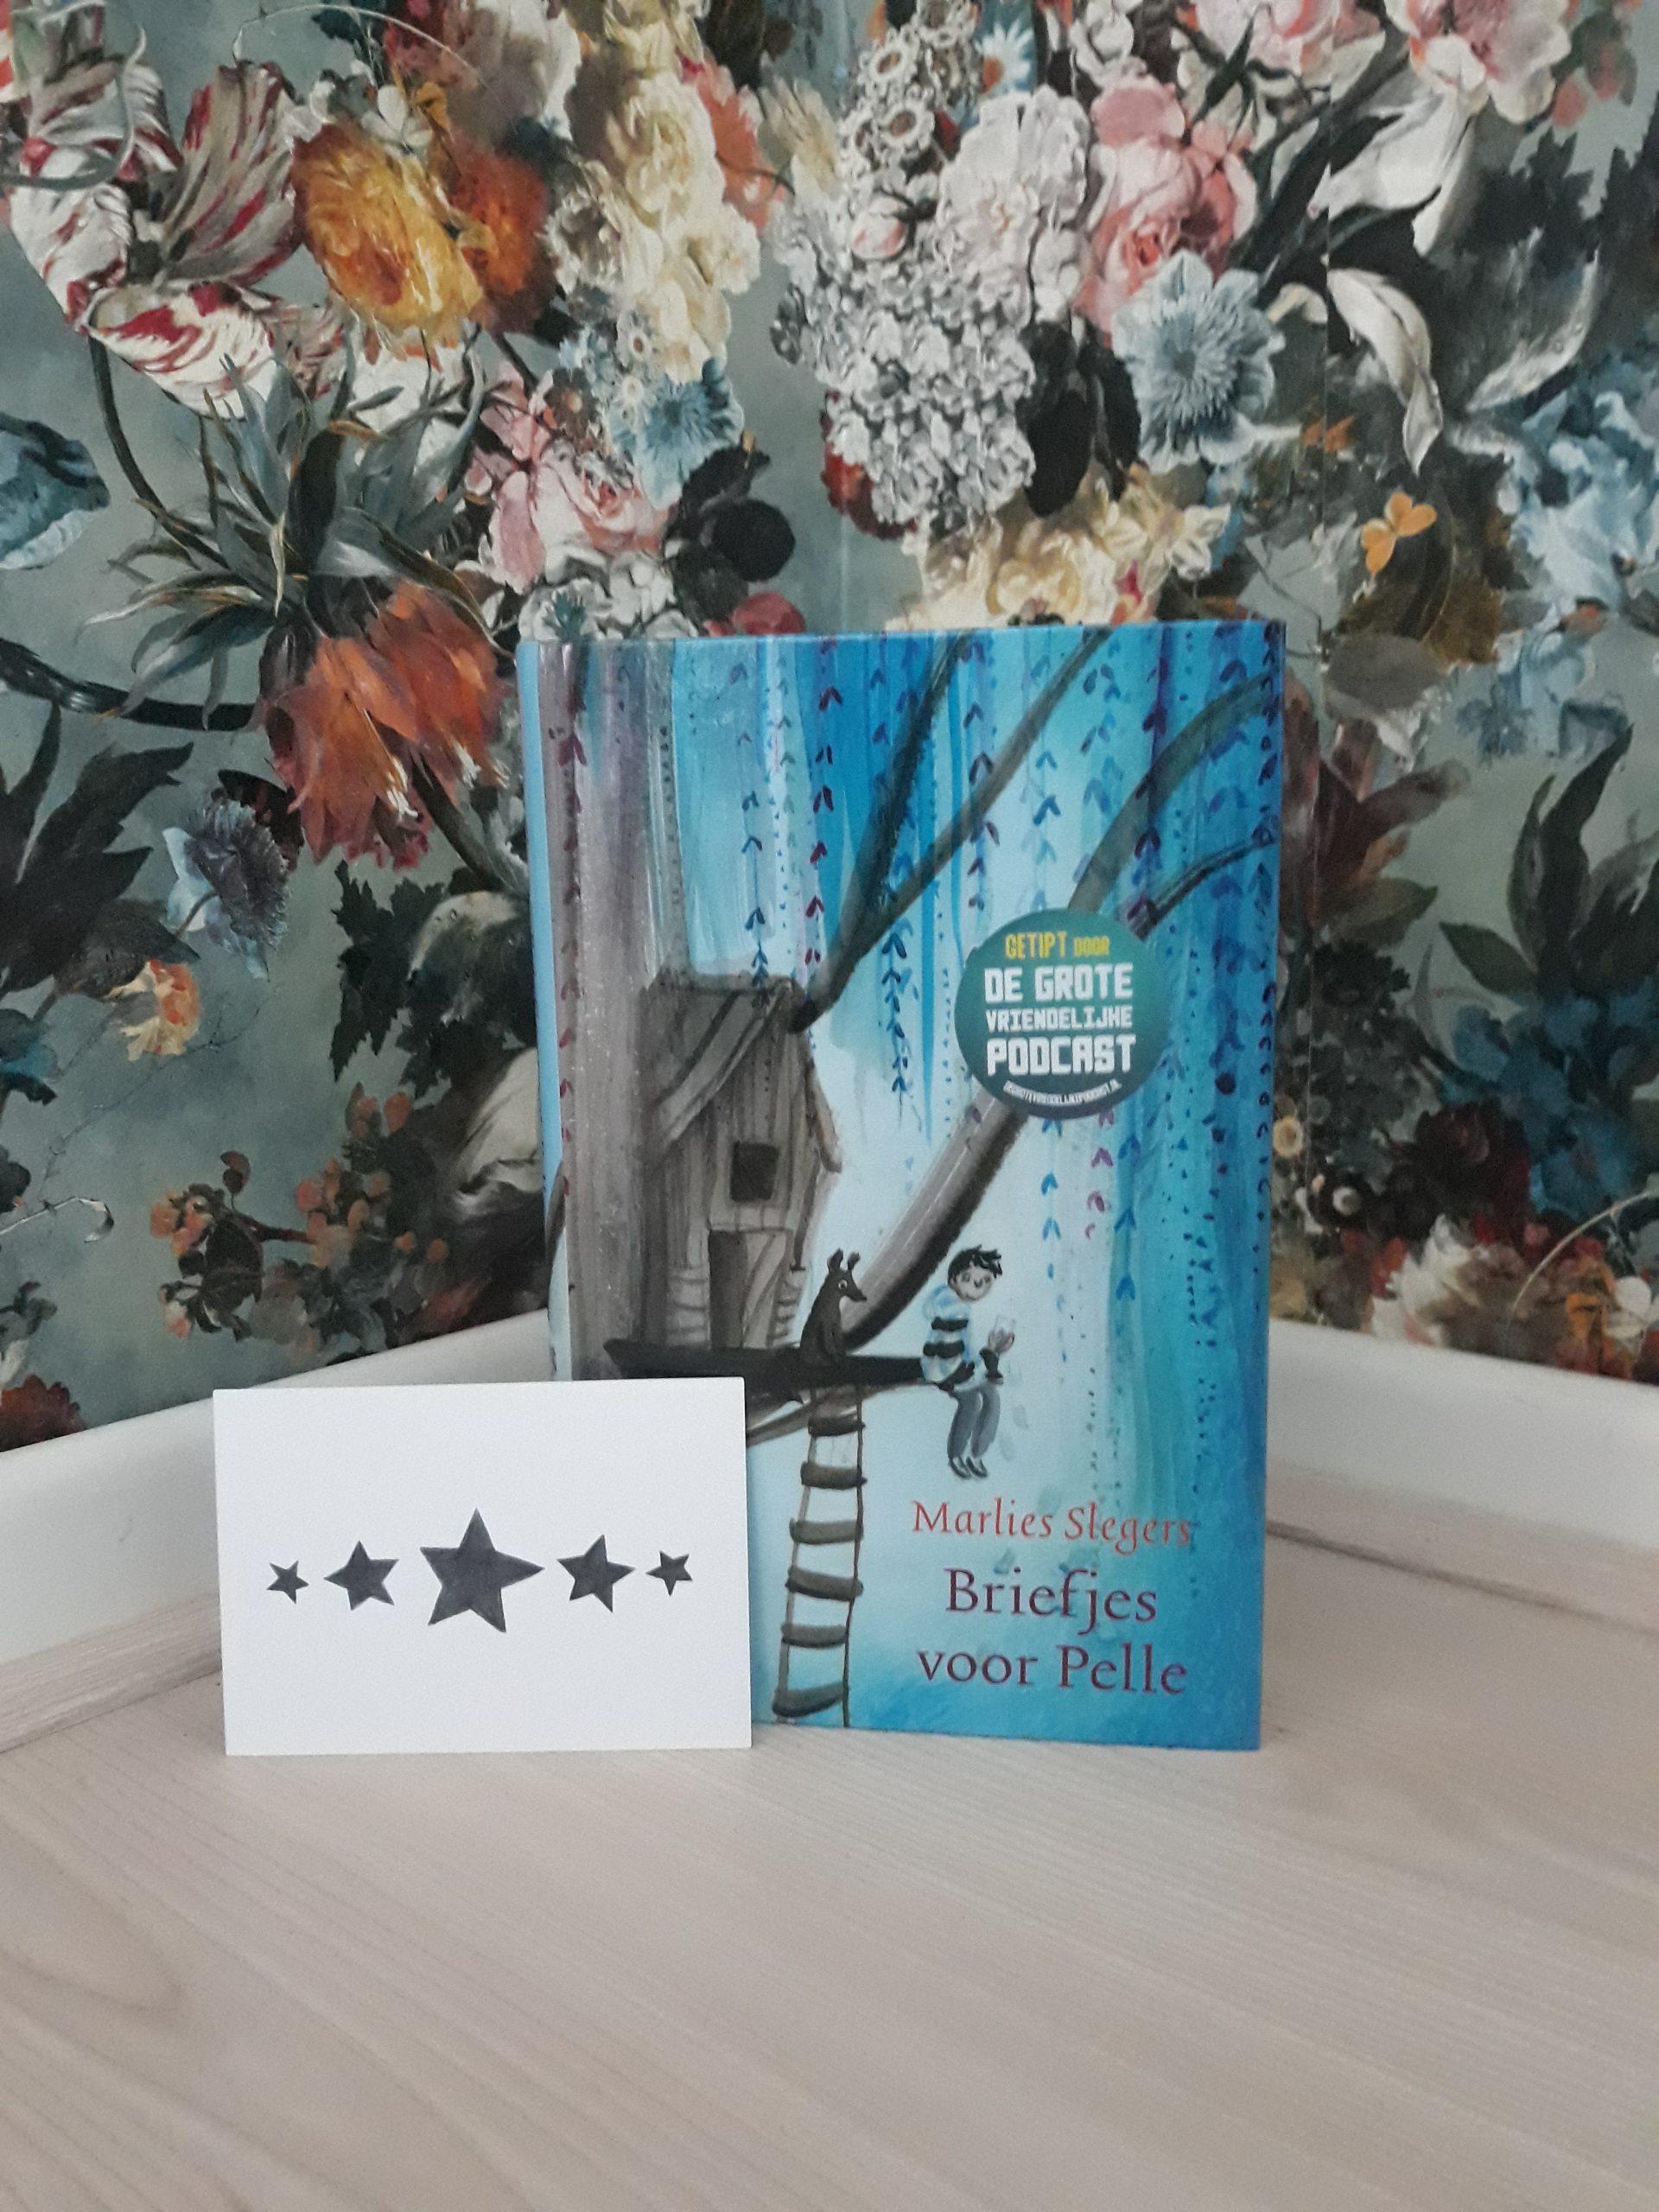 Boekrecensie: Briefjes voor Pelle – Marlies Slegers